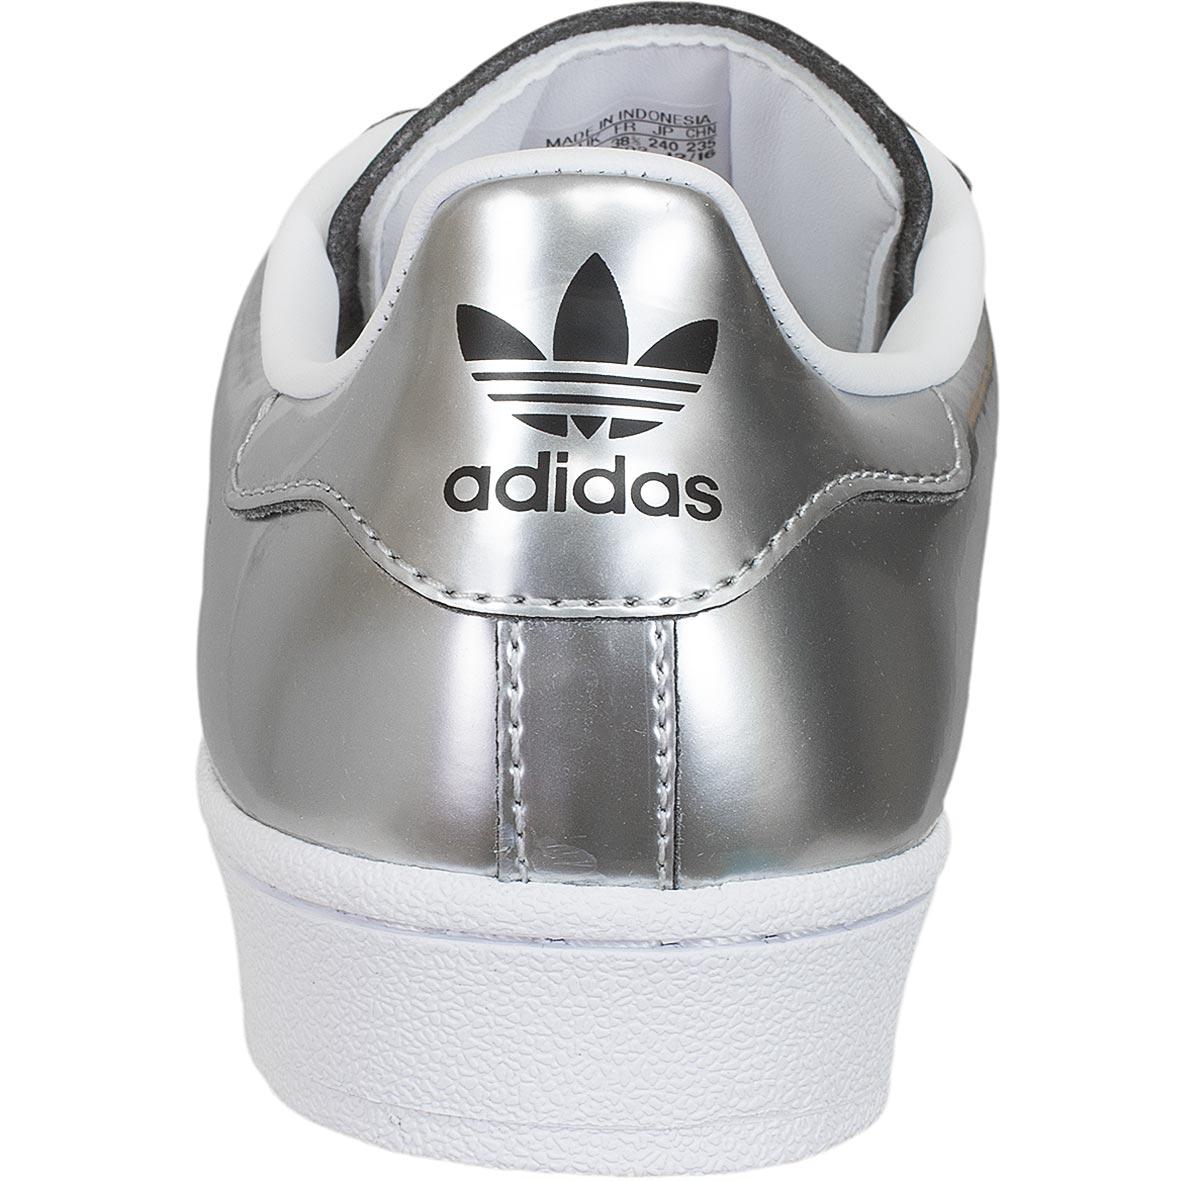 adidas damen superstar sneakers silber